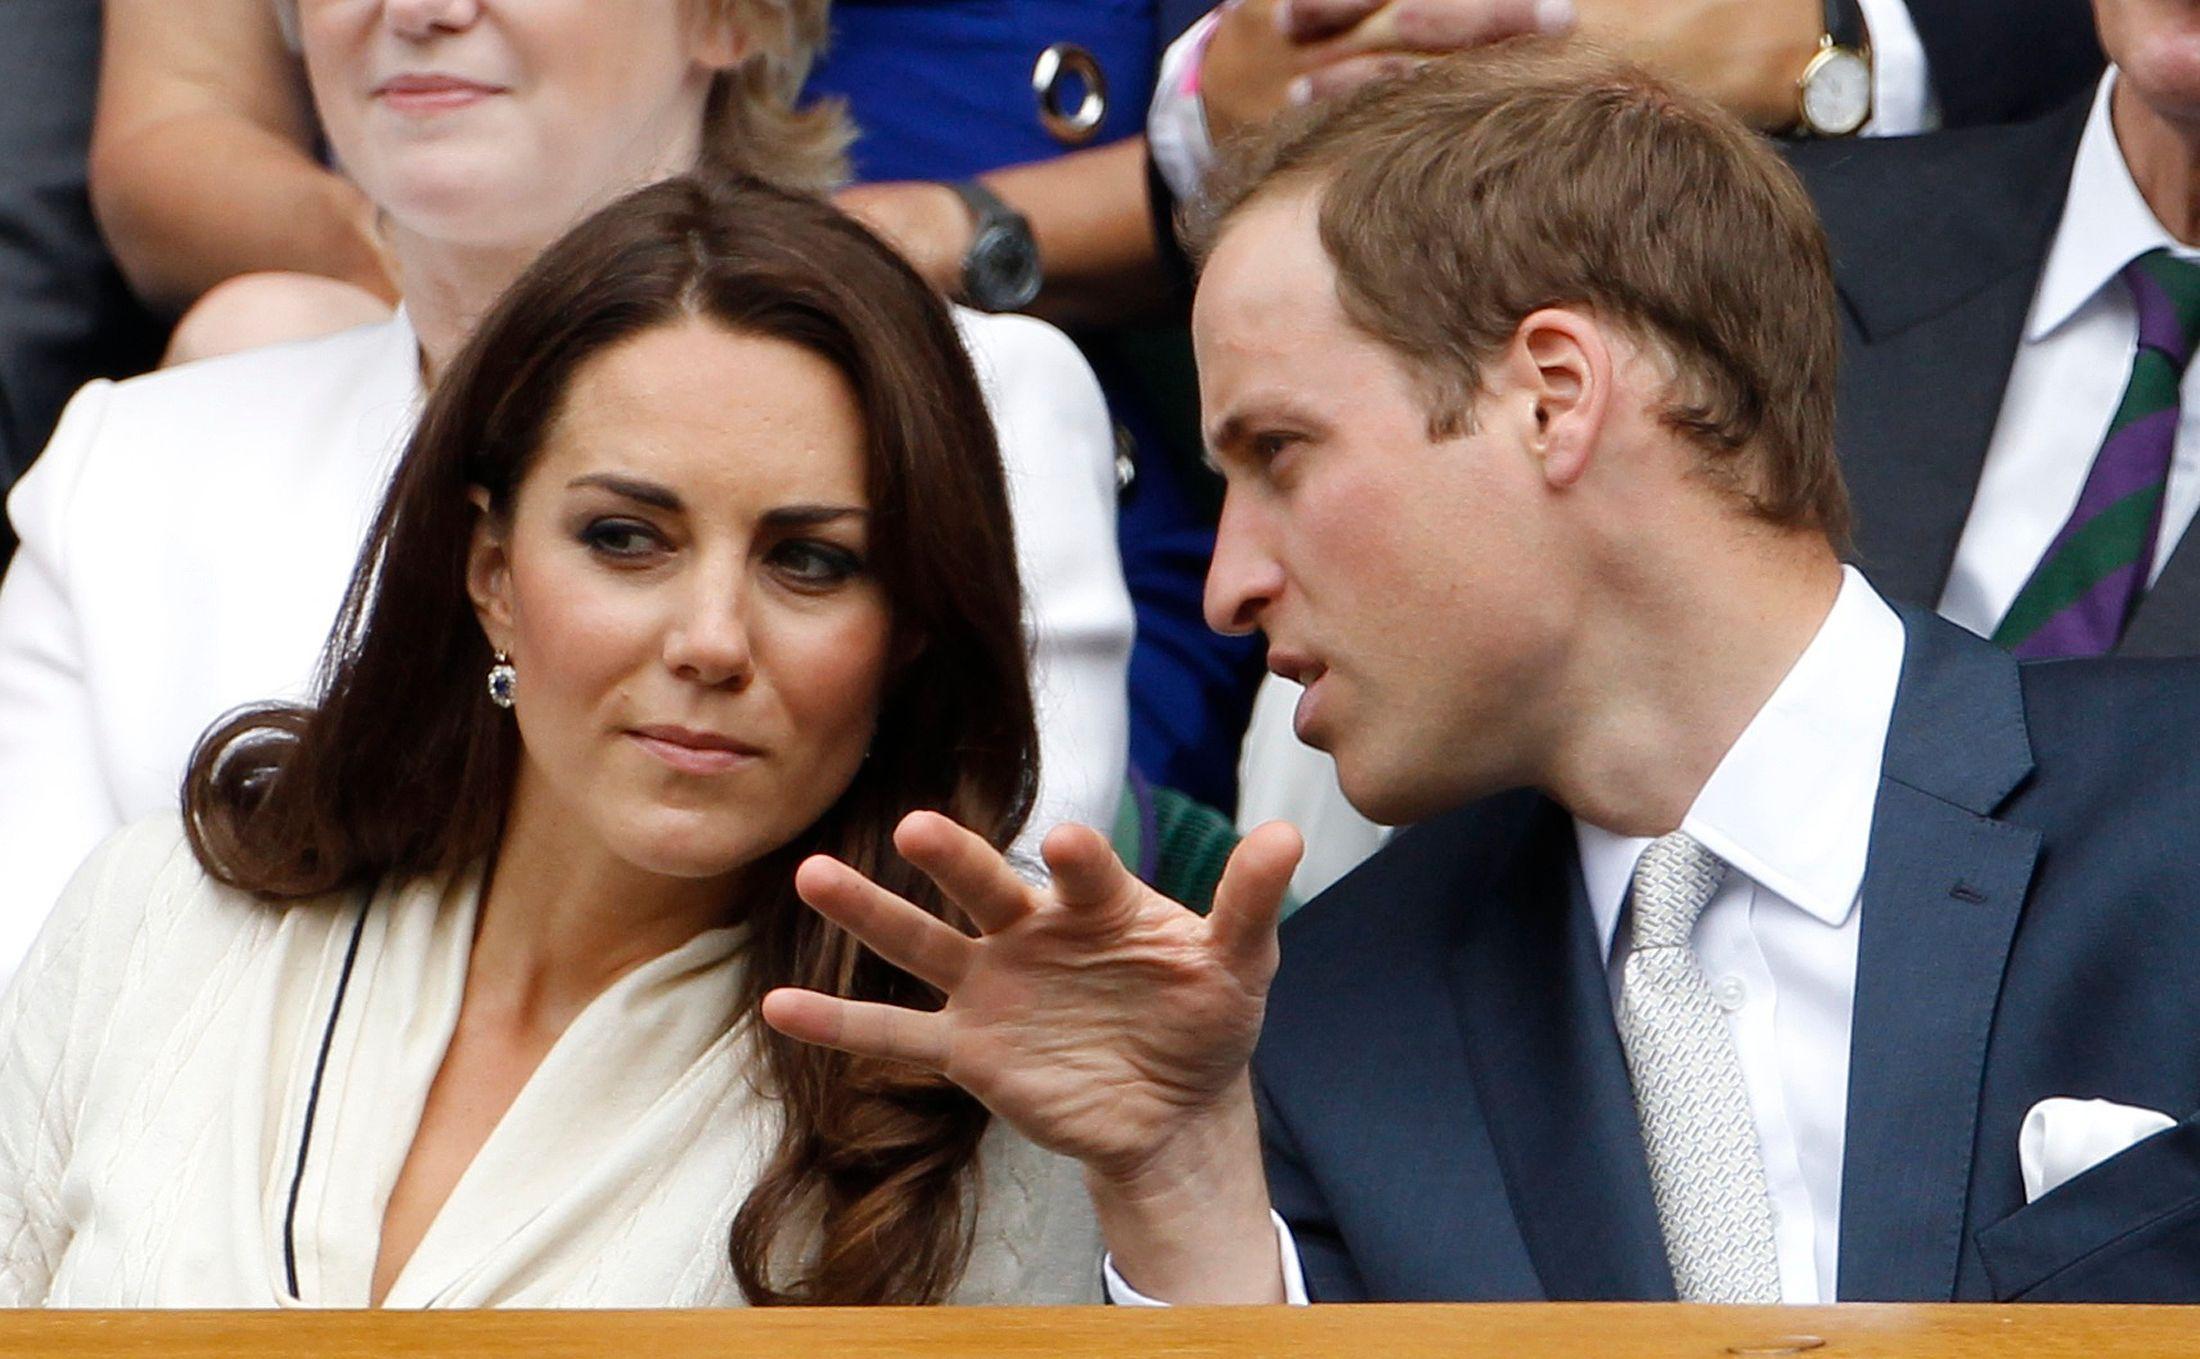 La monarchie britannique a justifié la rénovation de l'appartement qu'occupent le prince William, son épouse Kate et leur enfant.